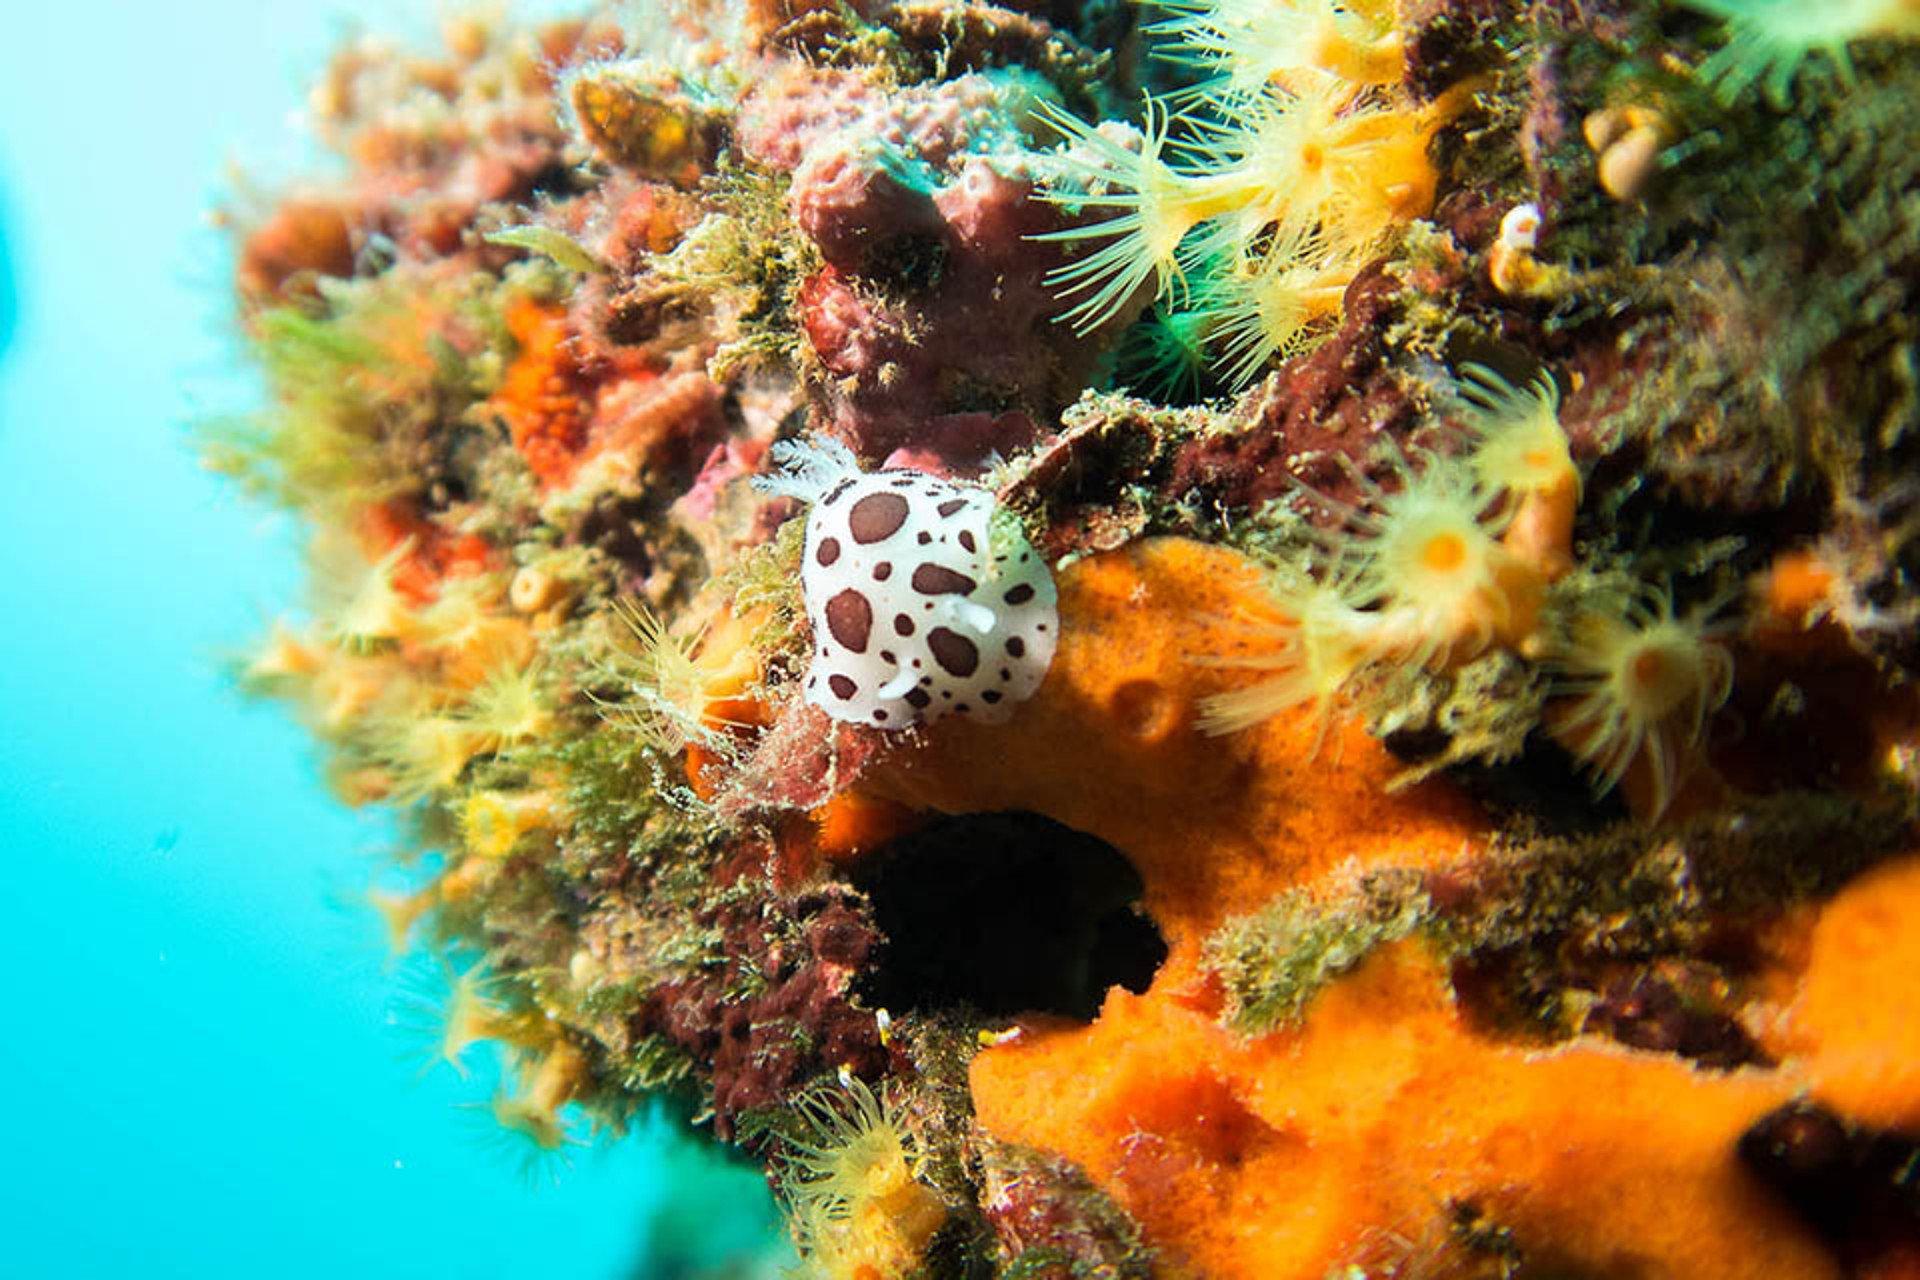 faune et flore sous-marine colorées